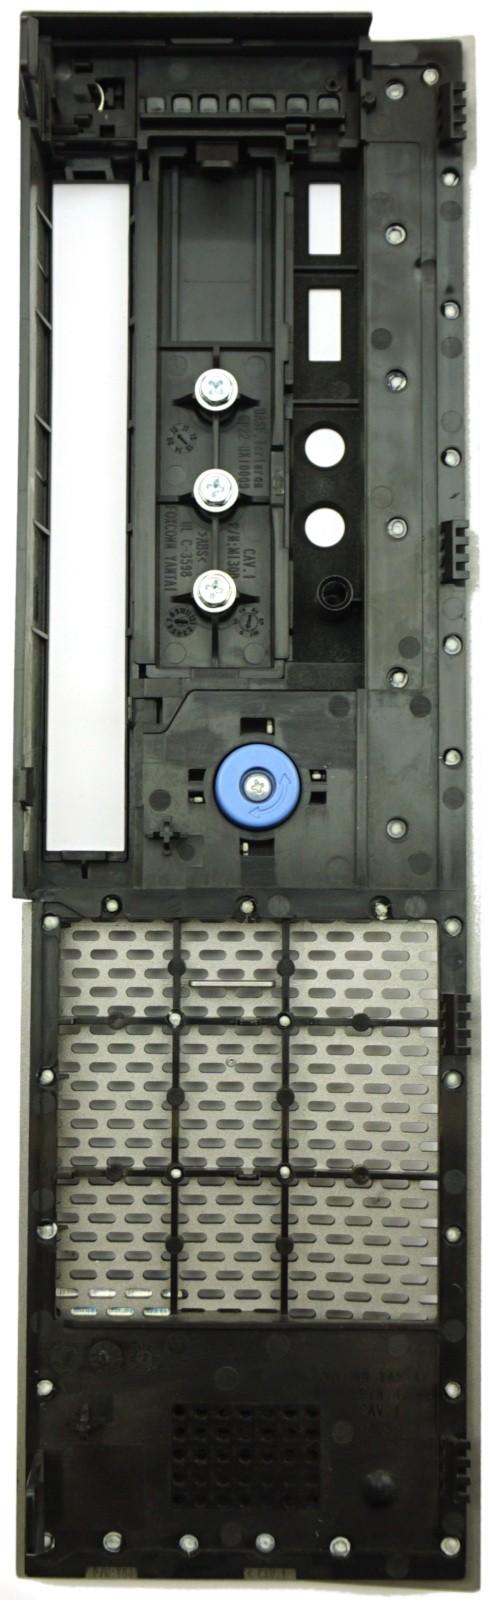 Dell Optiplex 980 SFF Front Bezel